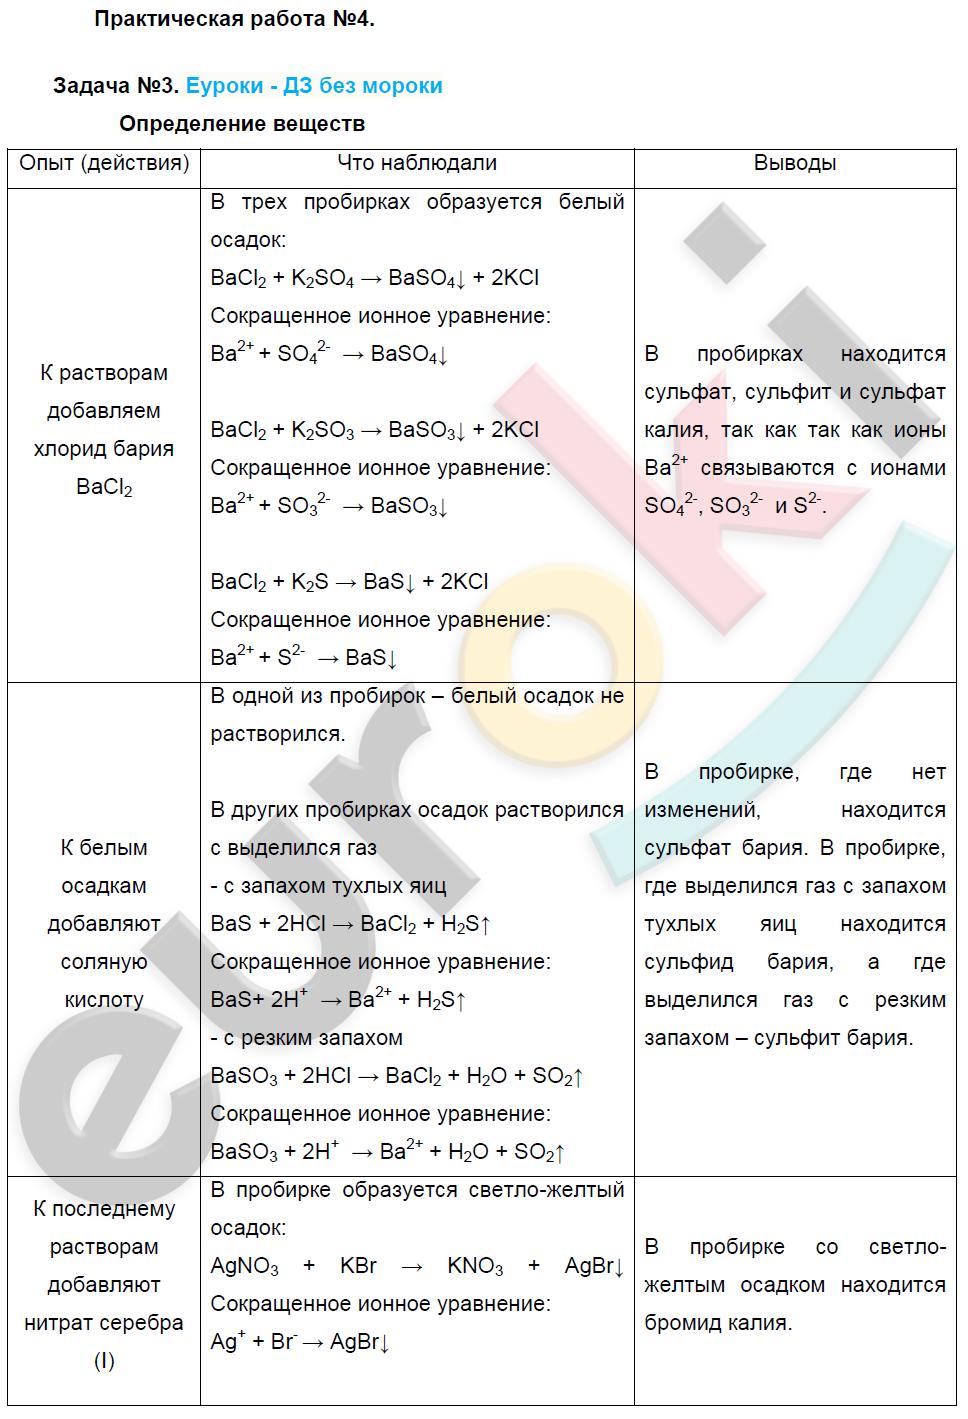 Гдз по химии 9 рудзитис практическая работа 5